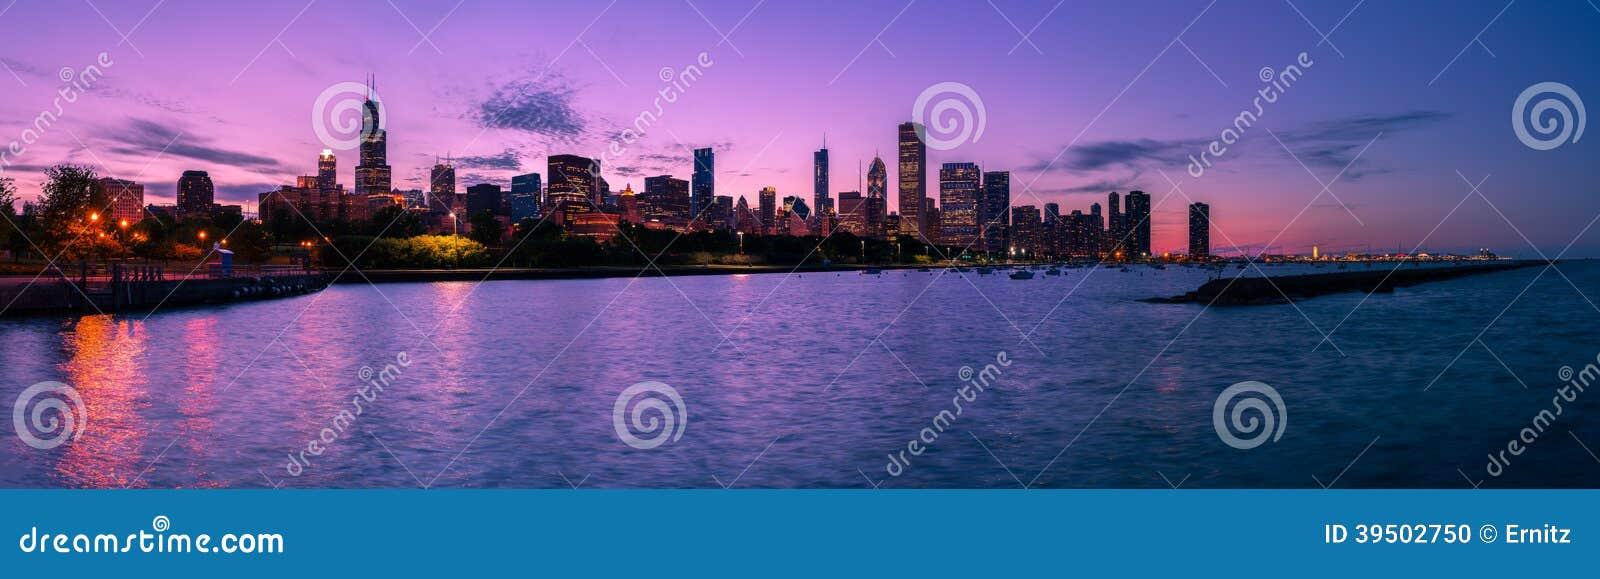 芝加哥地平线在晚上